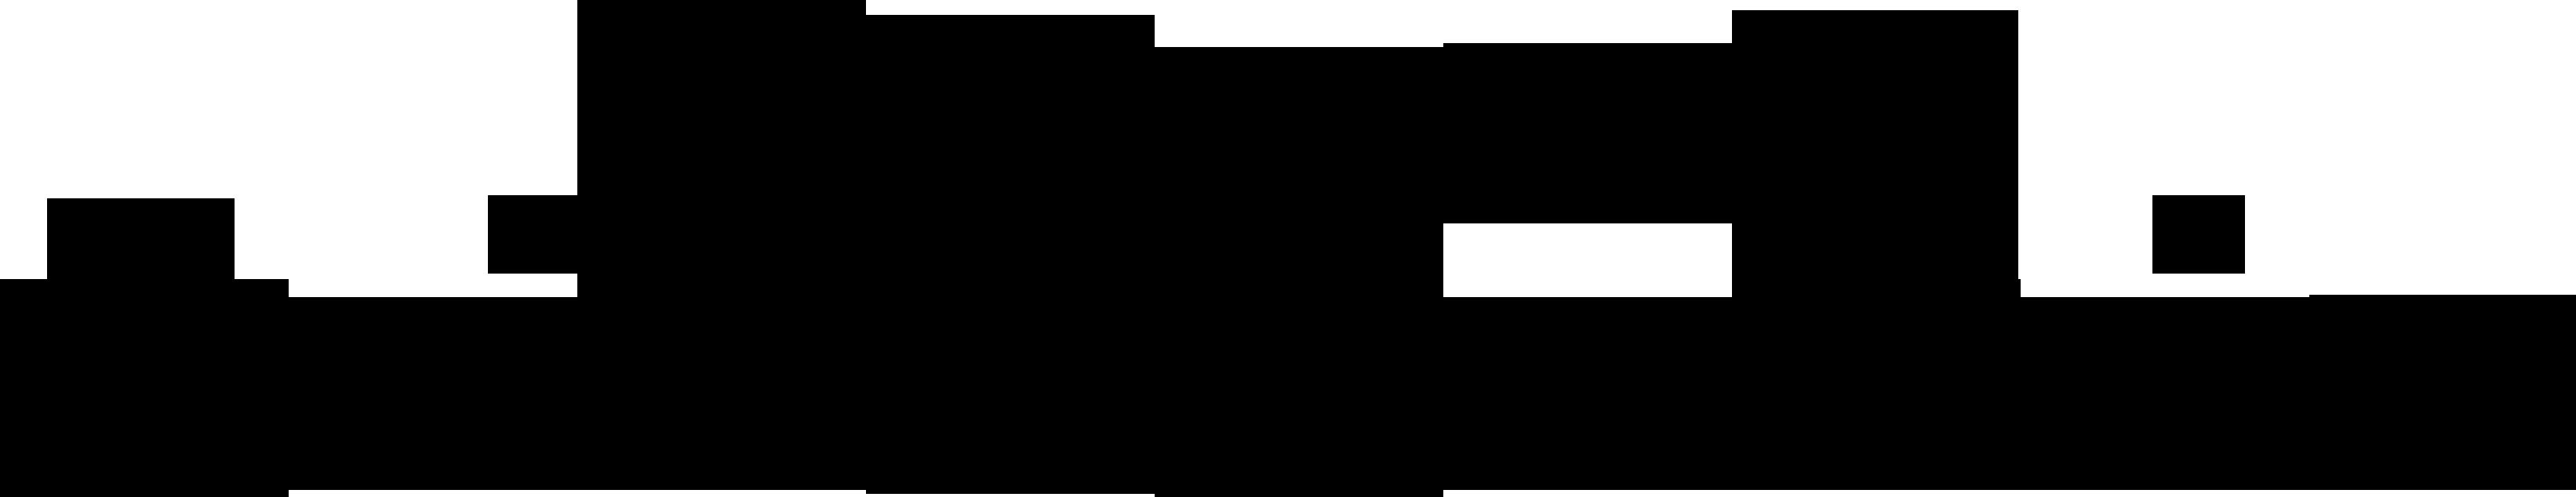 logo-noir-il-etait-une-fois